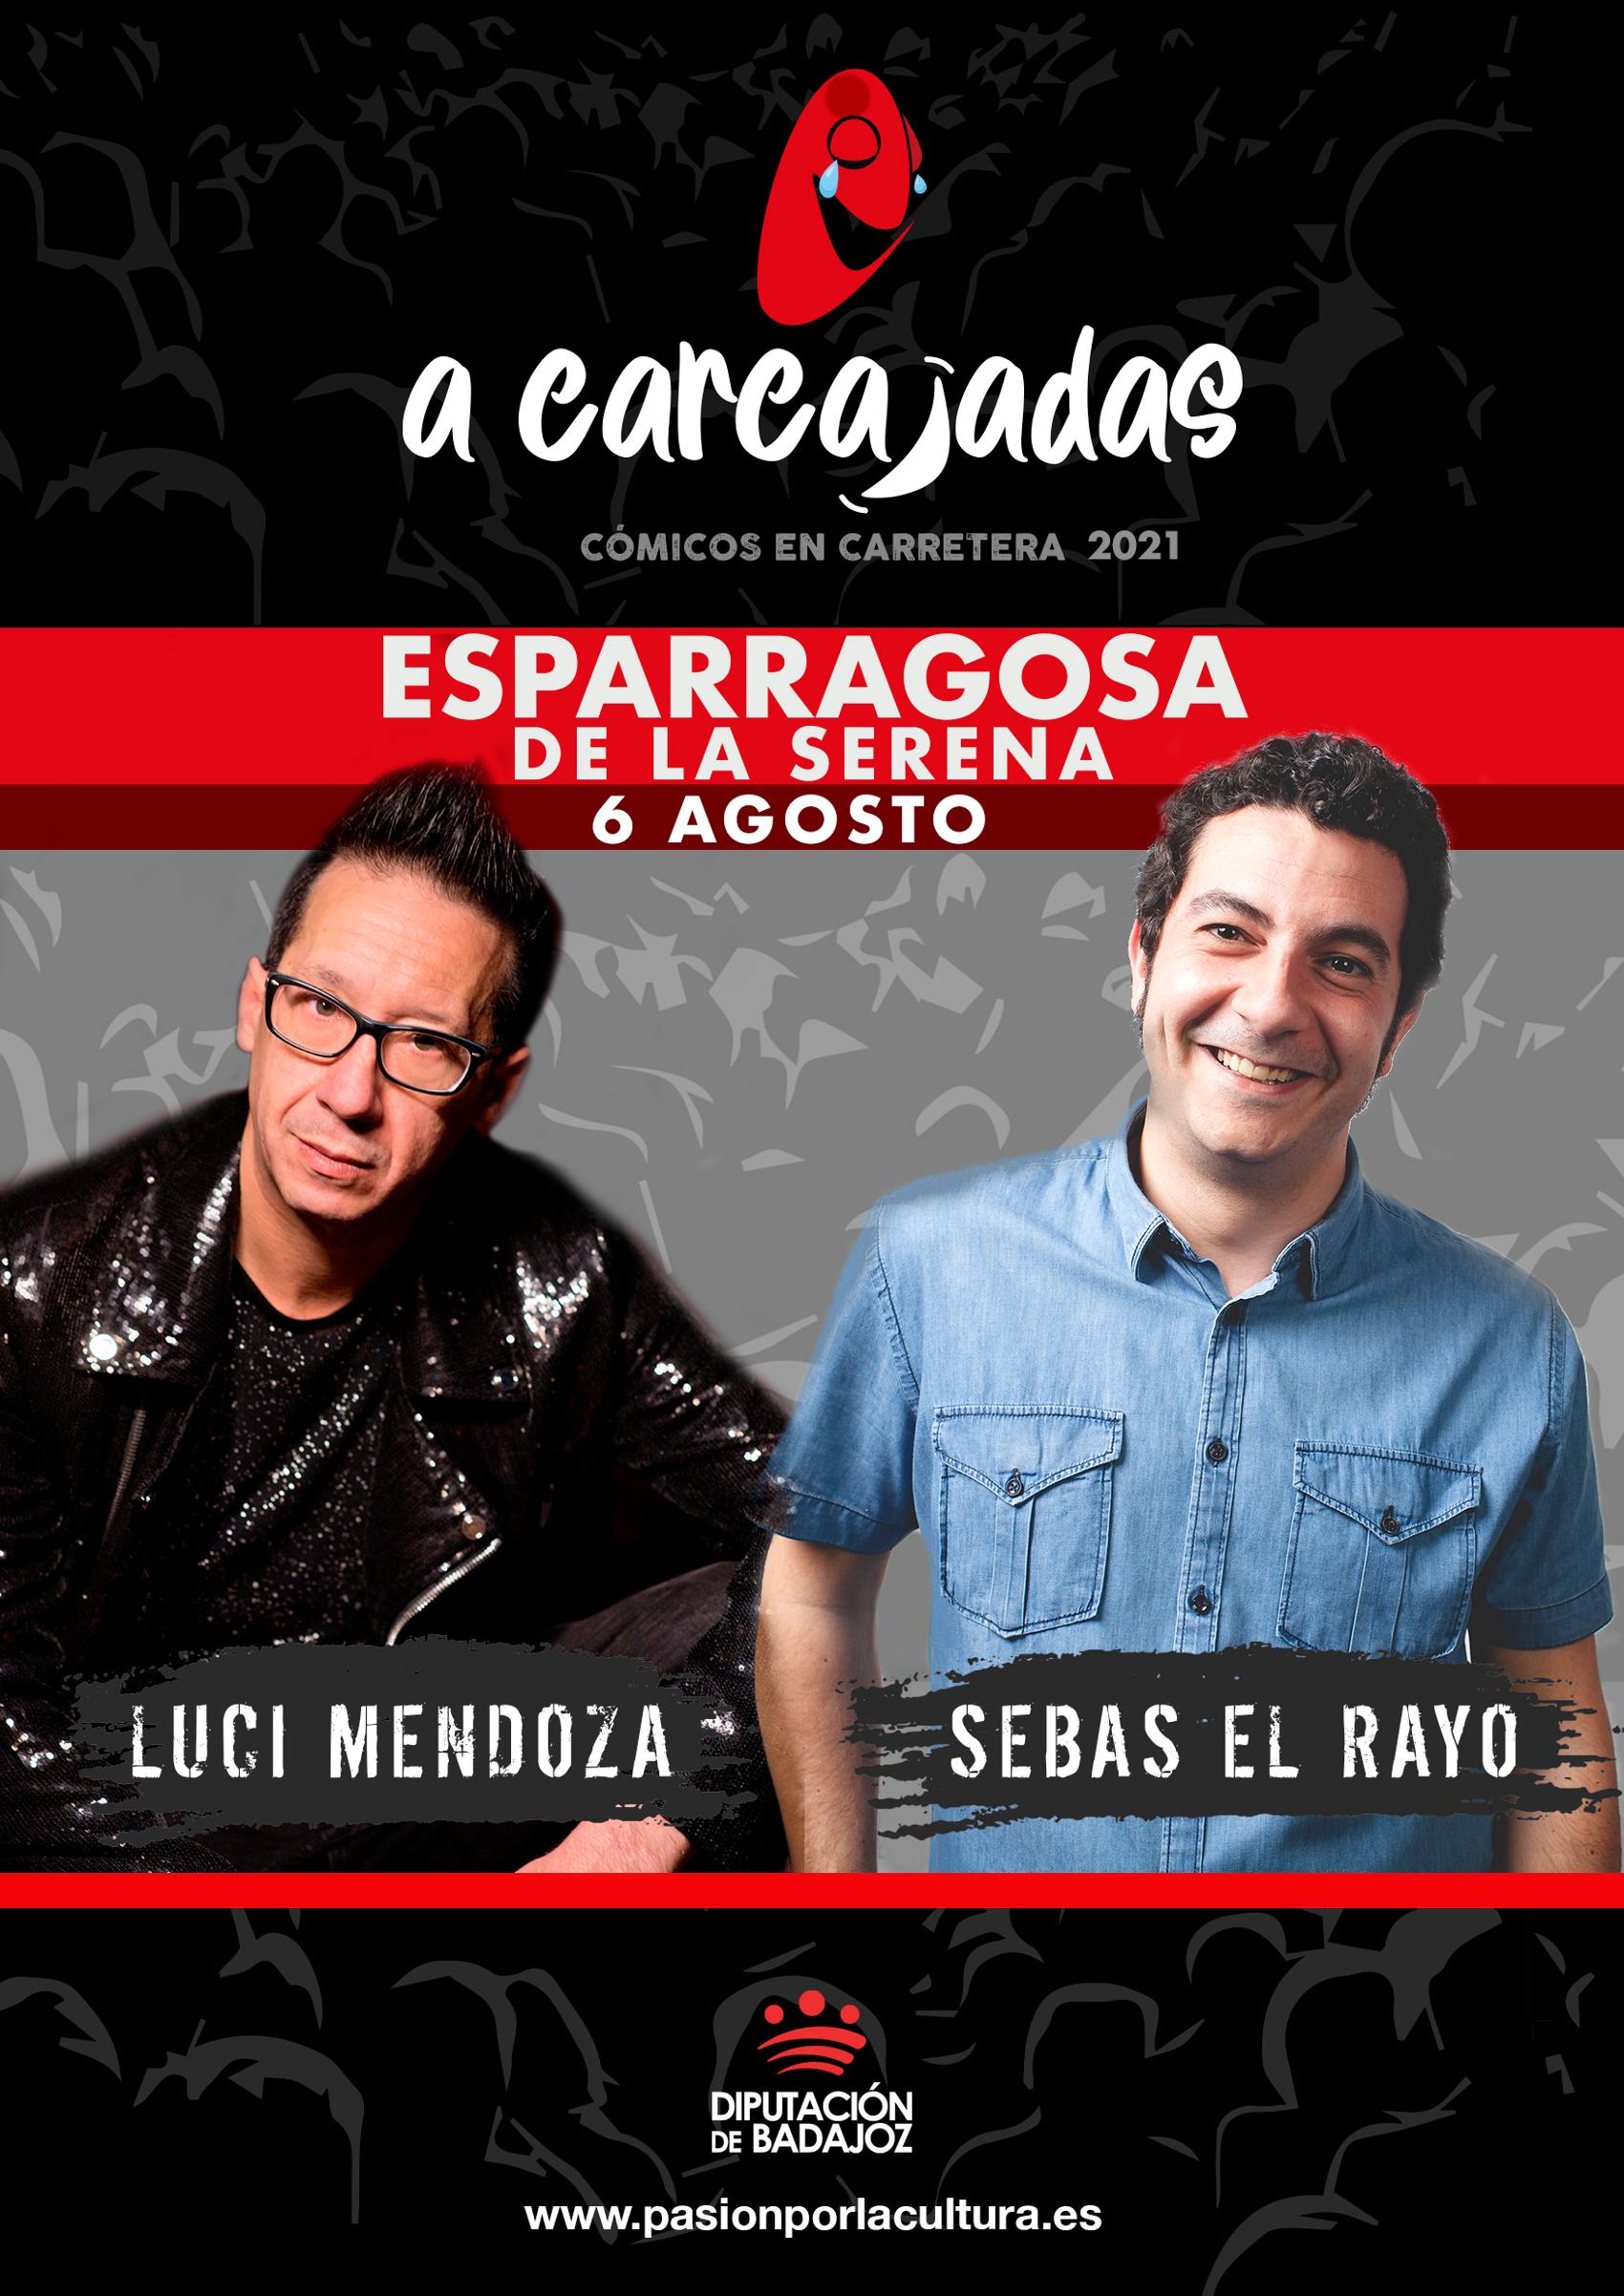 Imagen del Evento Luci Mendoza & Sebas el Rayo